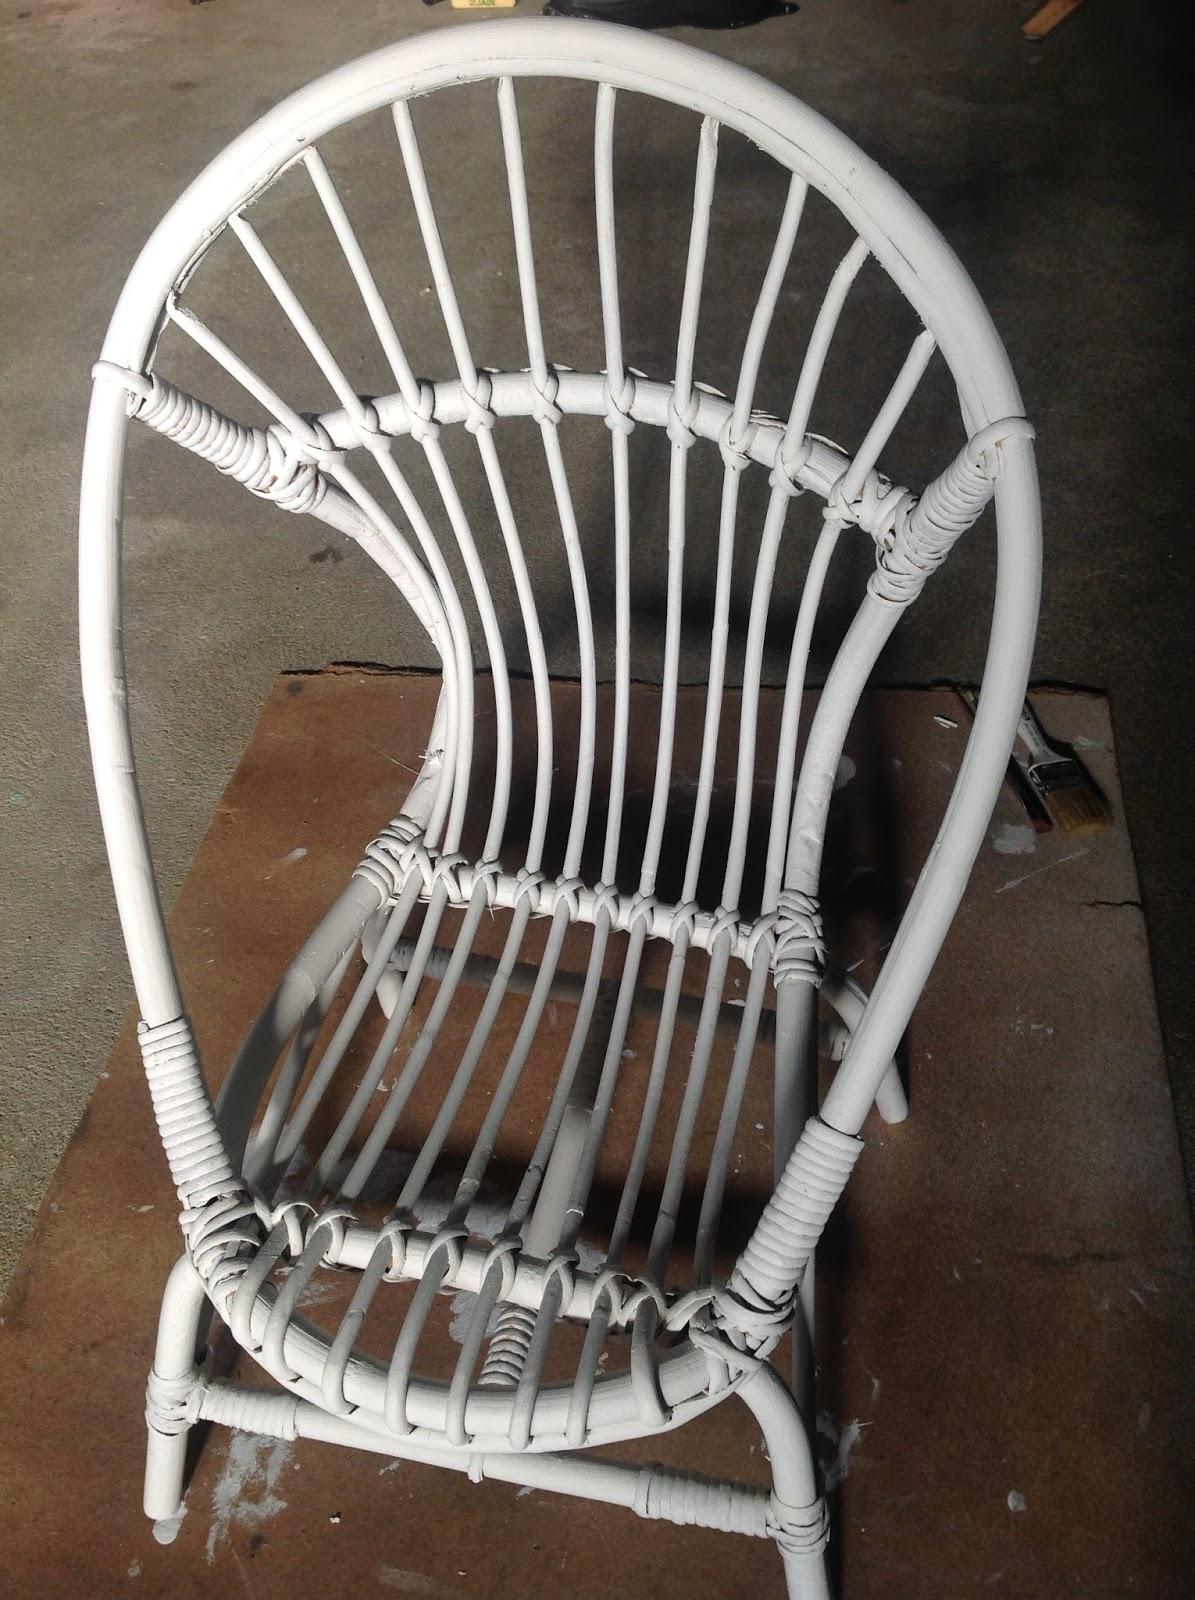 Customiser un fauteuil en rotin pour enfant - Customiser un fauteuil en tissu ...